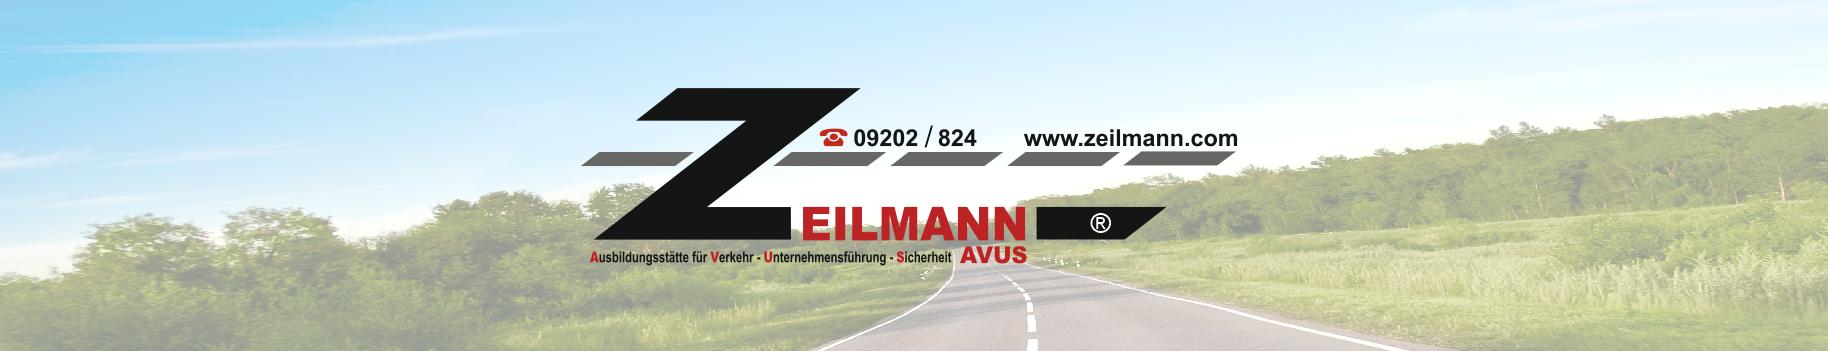 Zeilmann AVUS